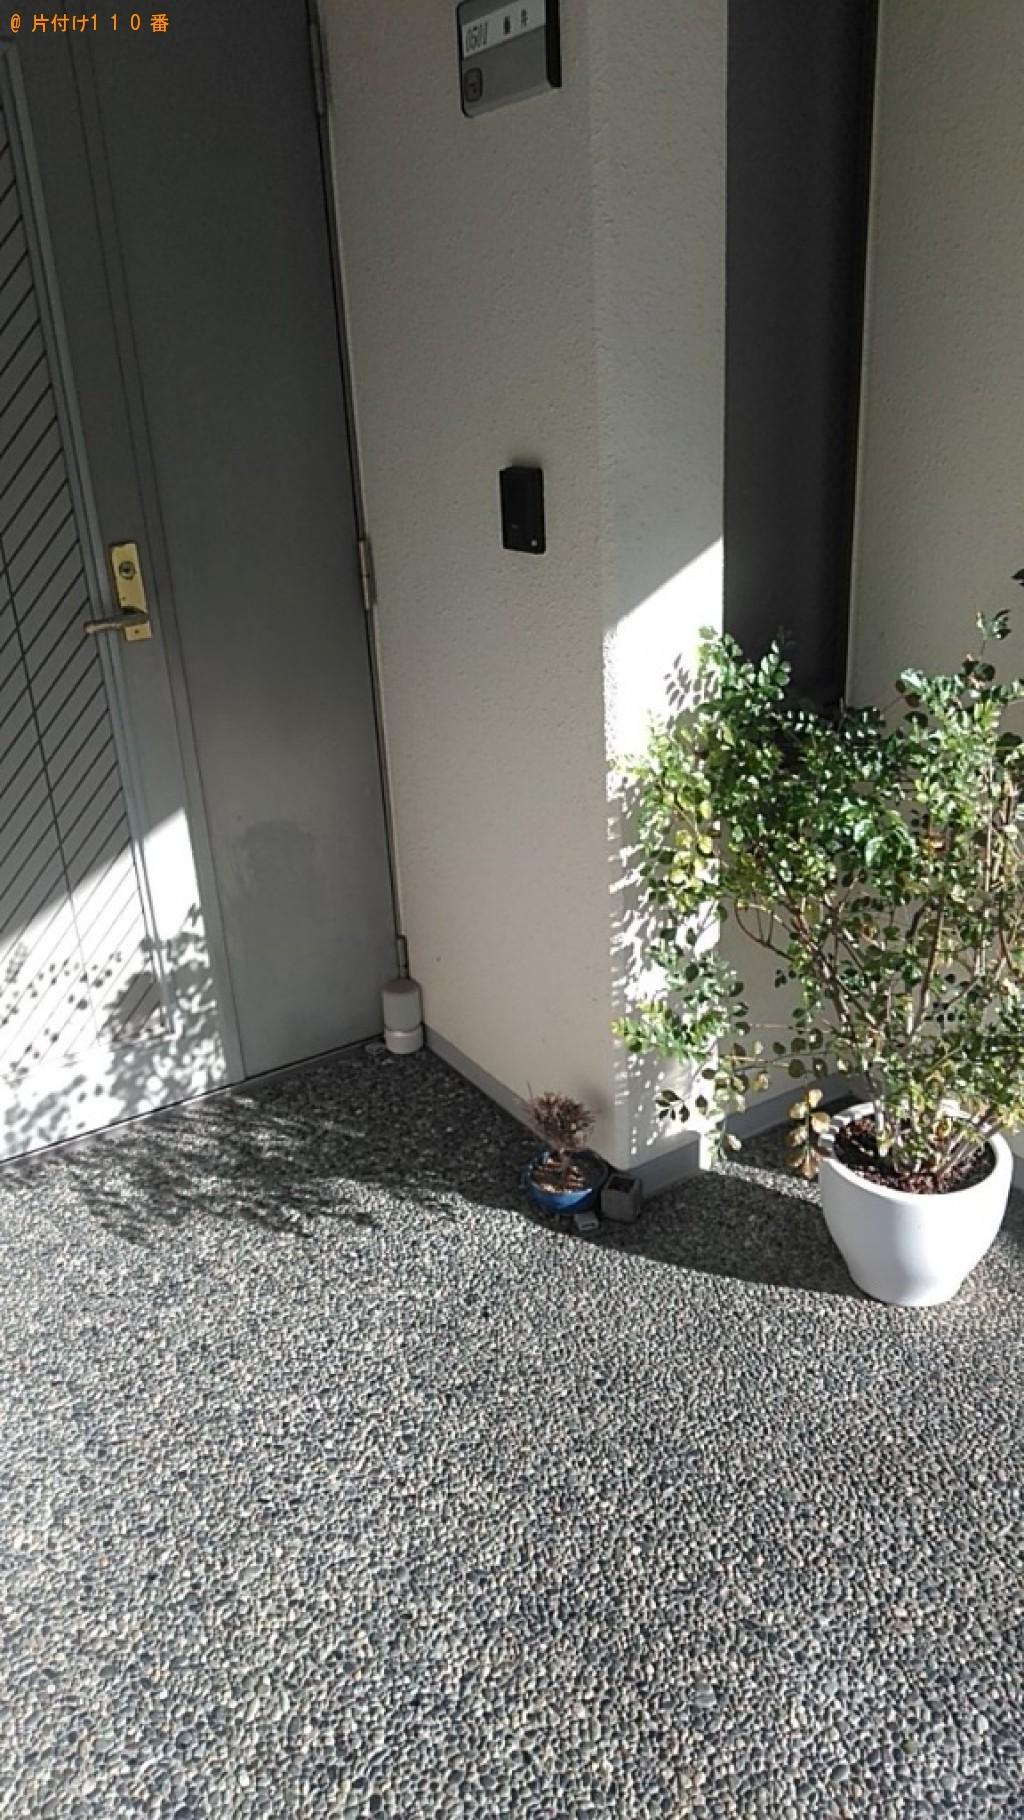 【松山市】セミダブルマットレスの回収・処分ご依頼 お客様の声